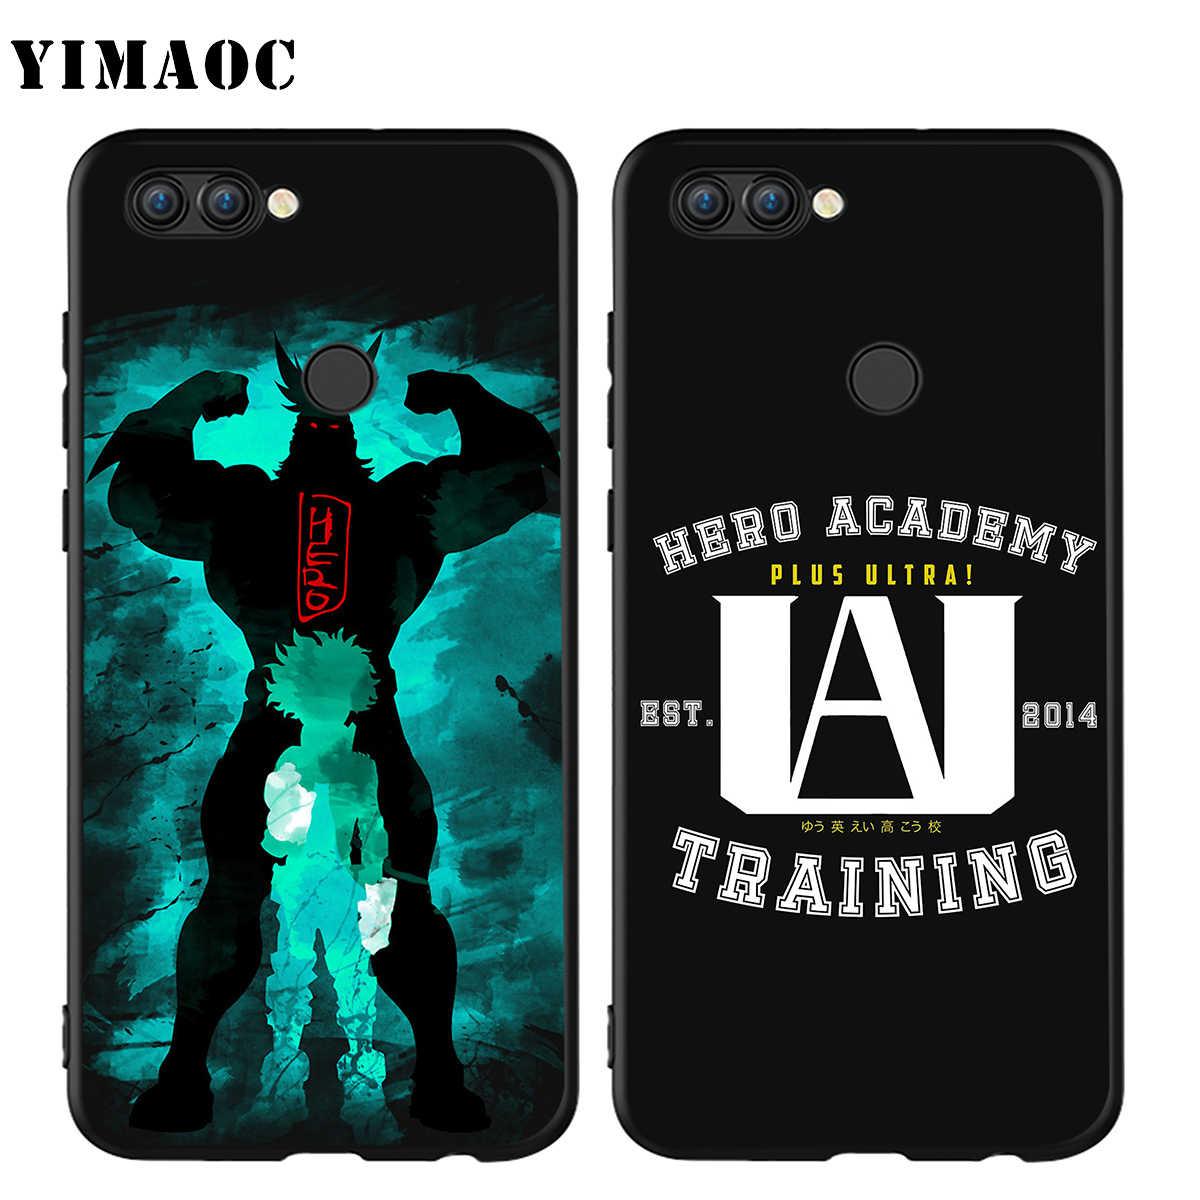 YIMAOC Il Mio hero Accademico di Caso per Huawei Mate 10 P8 P9 P10 P20 P30 P Smart Lite Pro Mini 2017